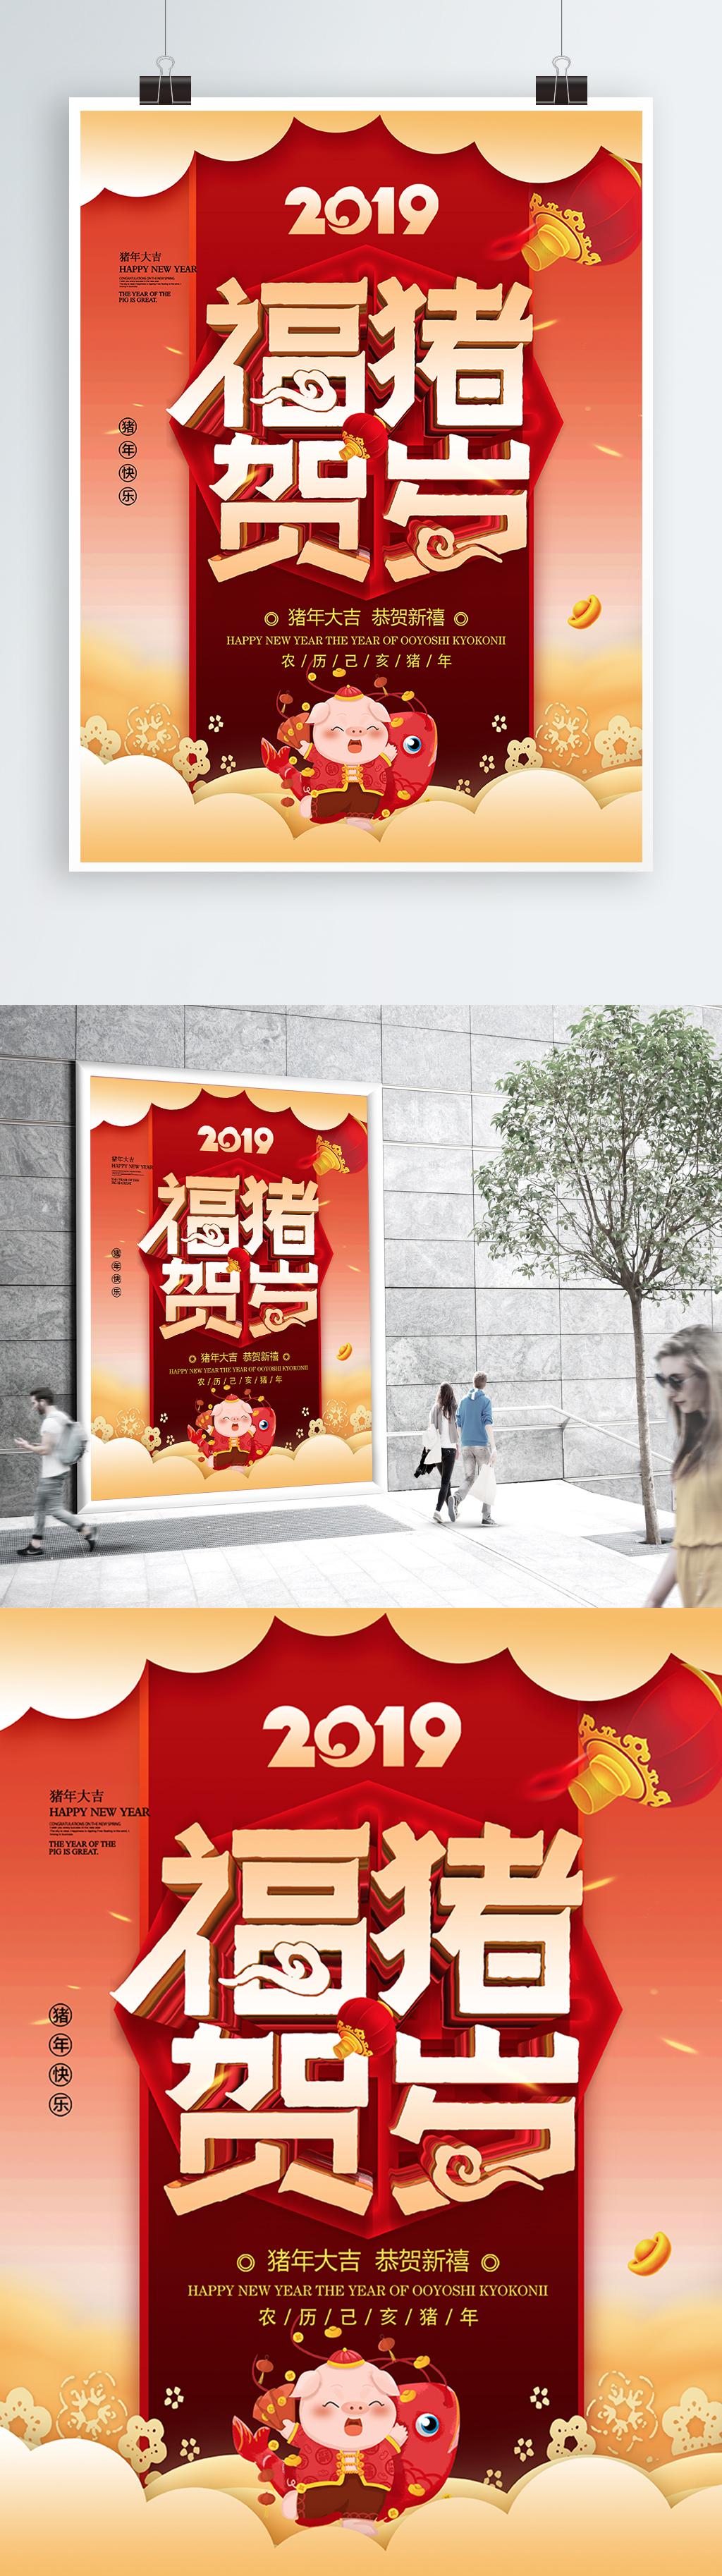 大气立体字福猪贺岁2019猪年海报